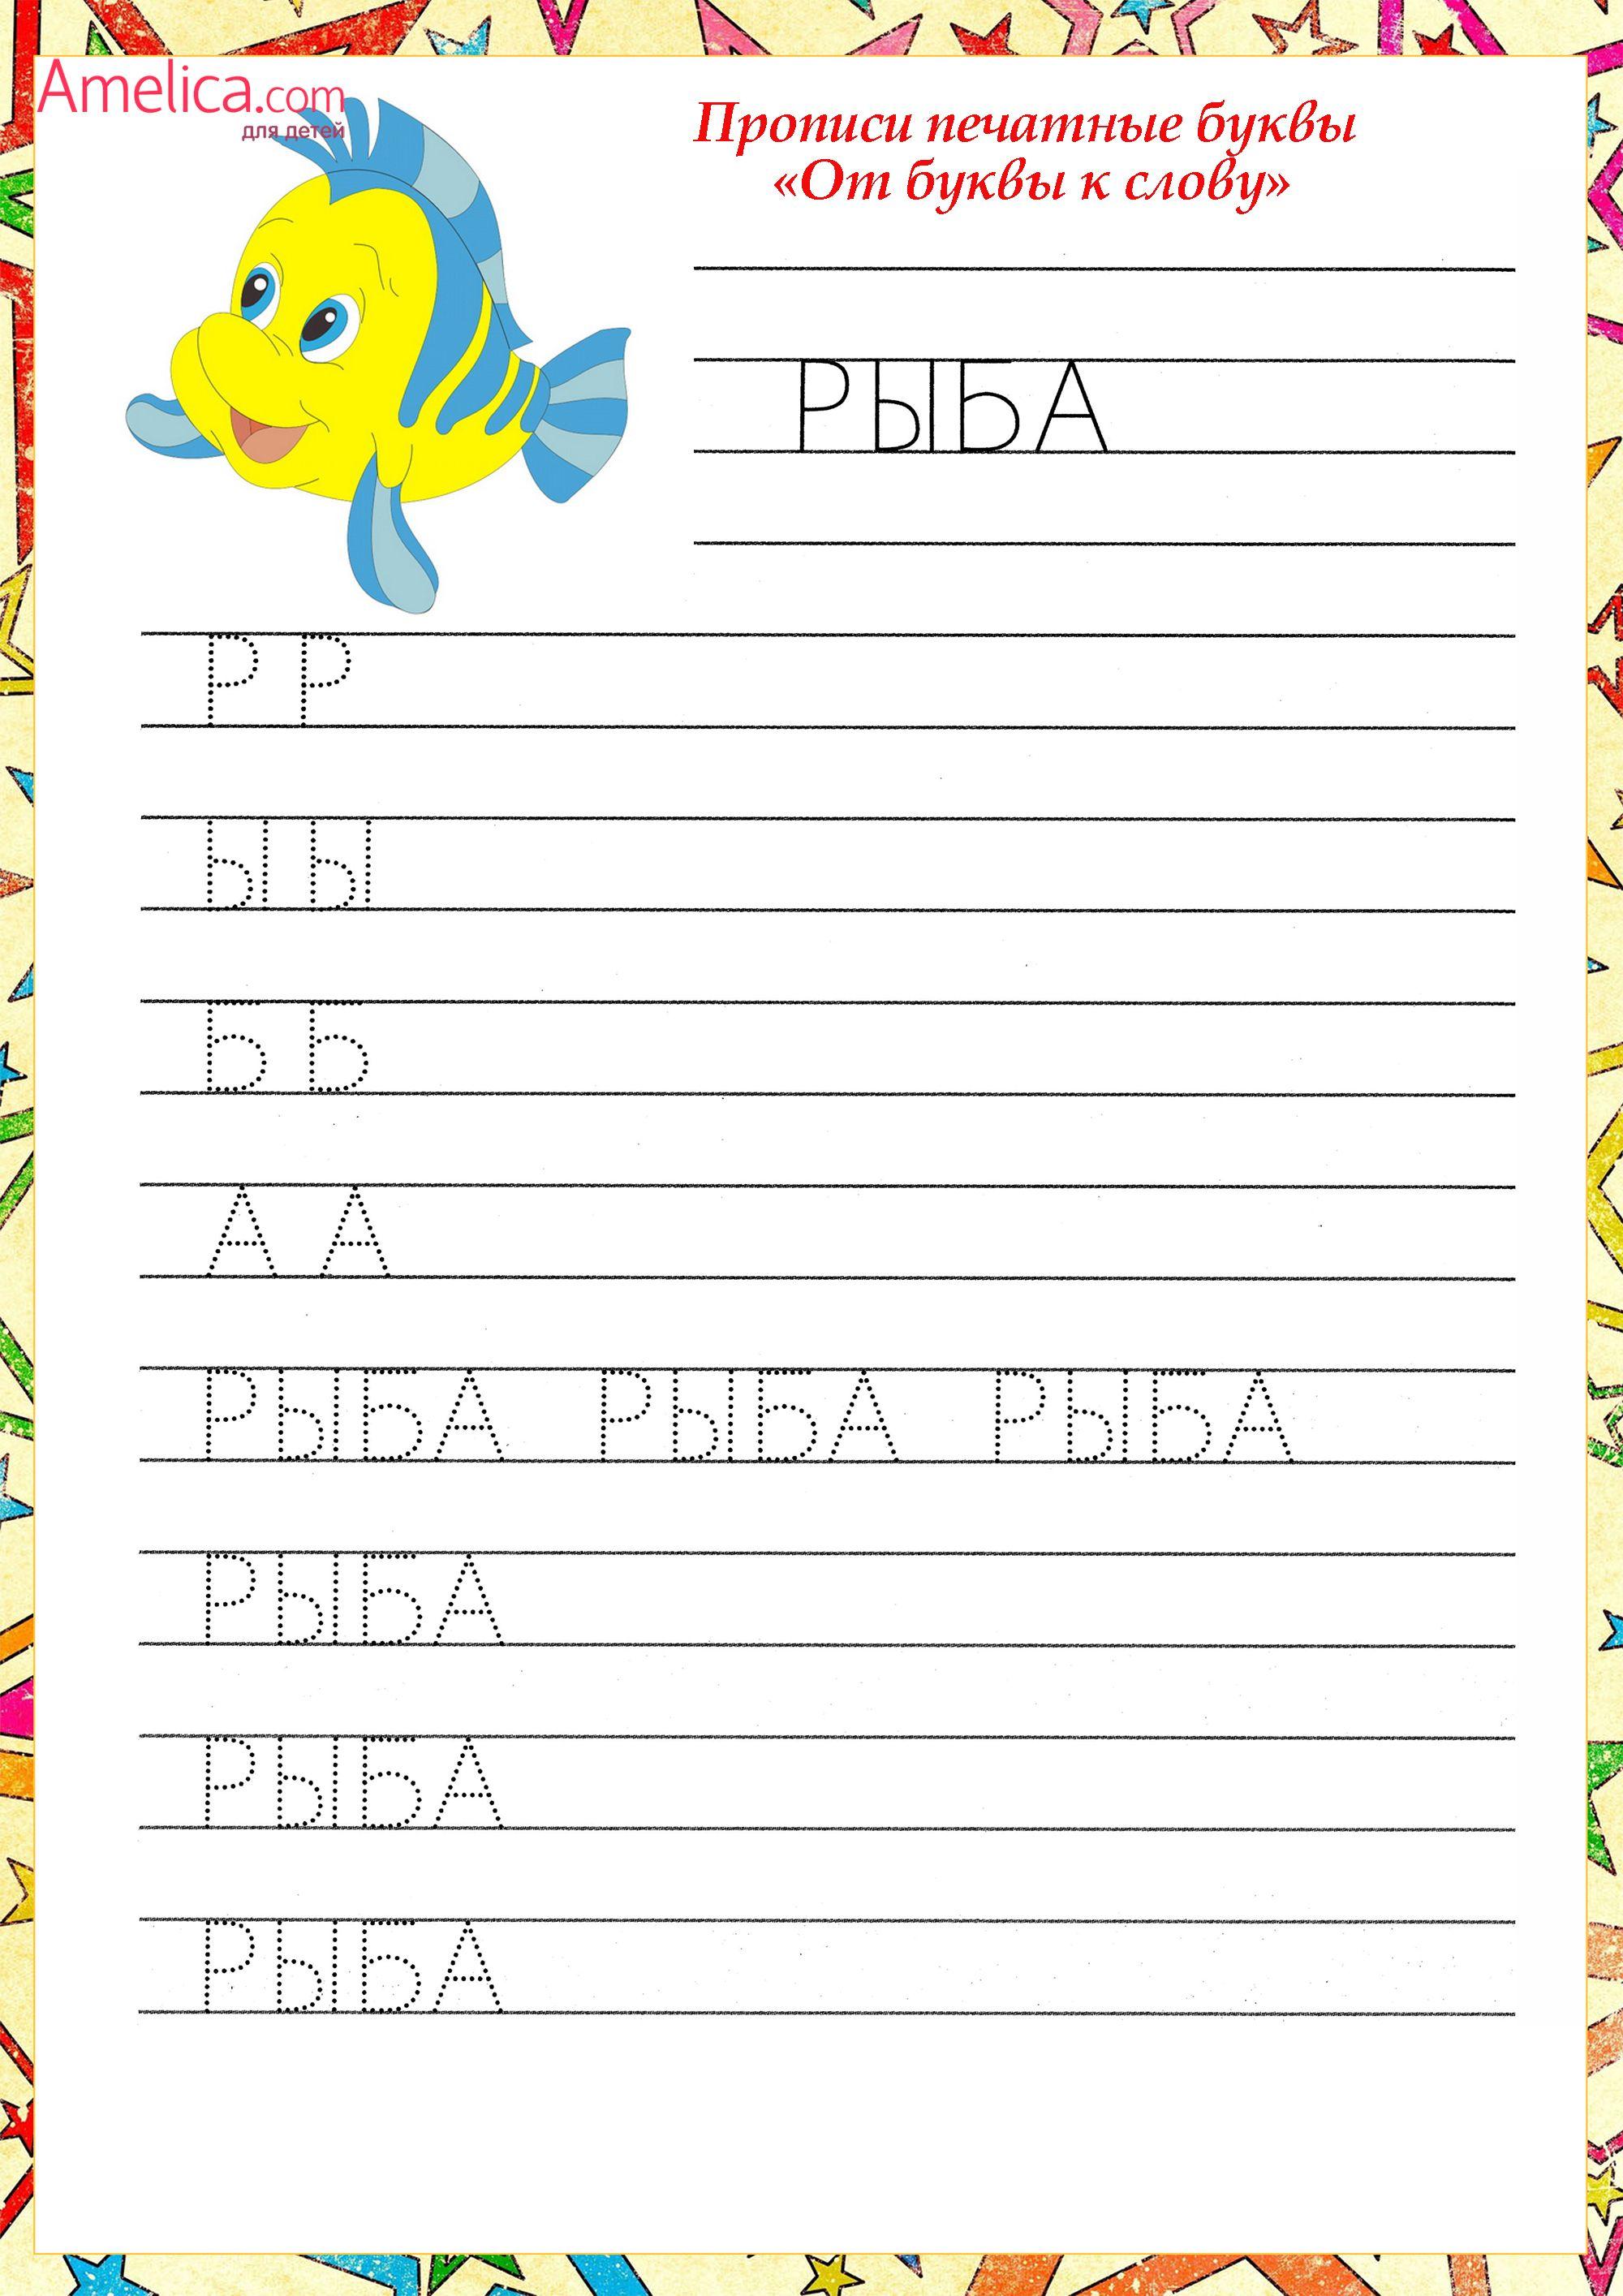 Обучение детей слогам онлайн бесплатно петрусинский игры обучение тренинг досуг скачать бесплатно